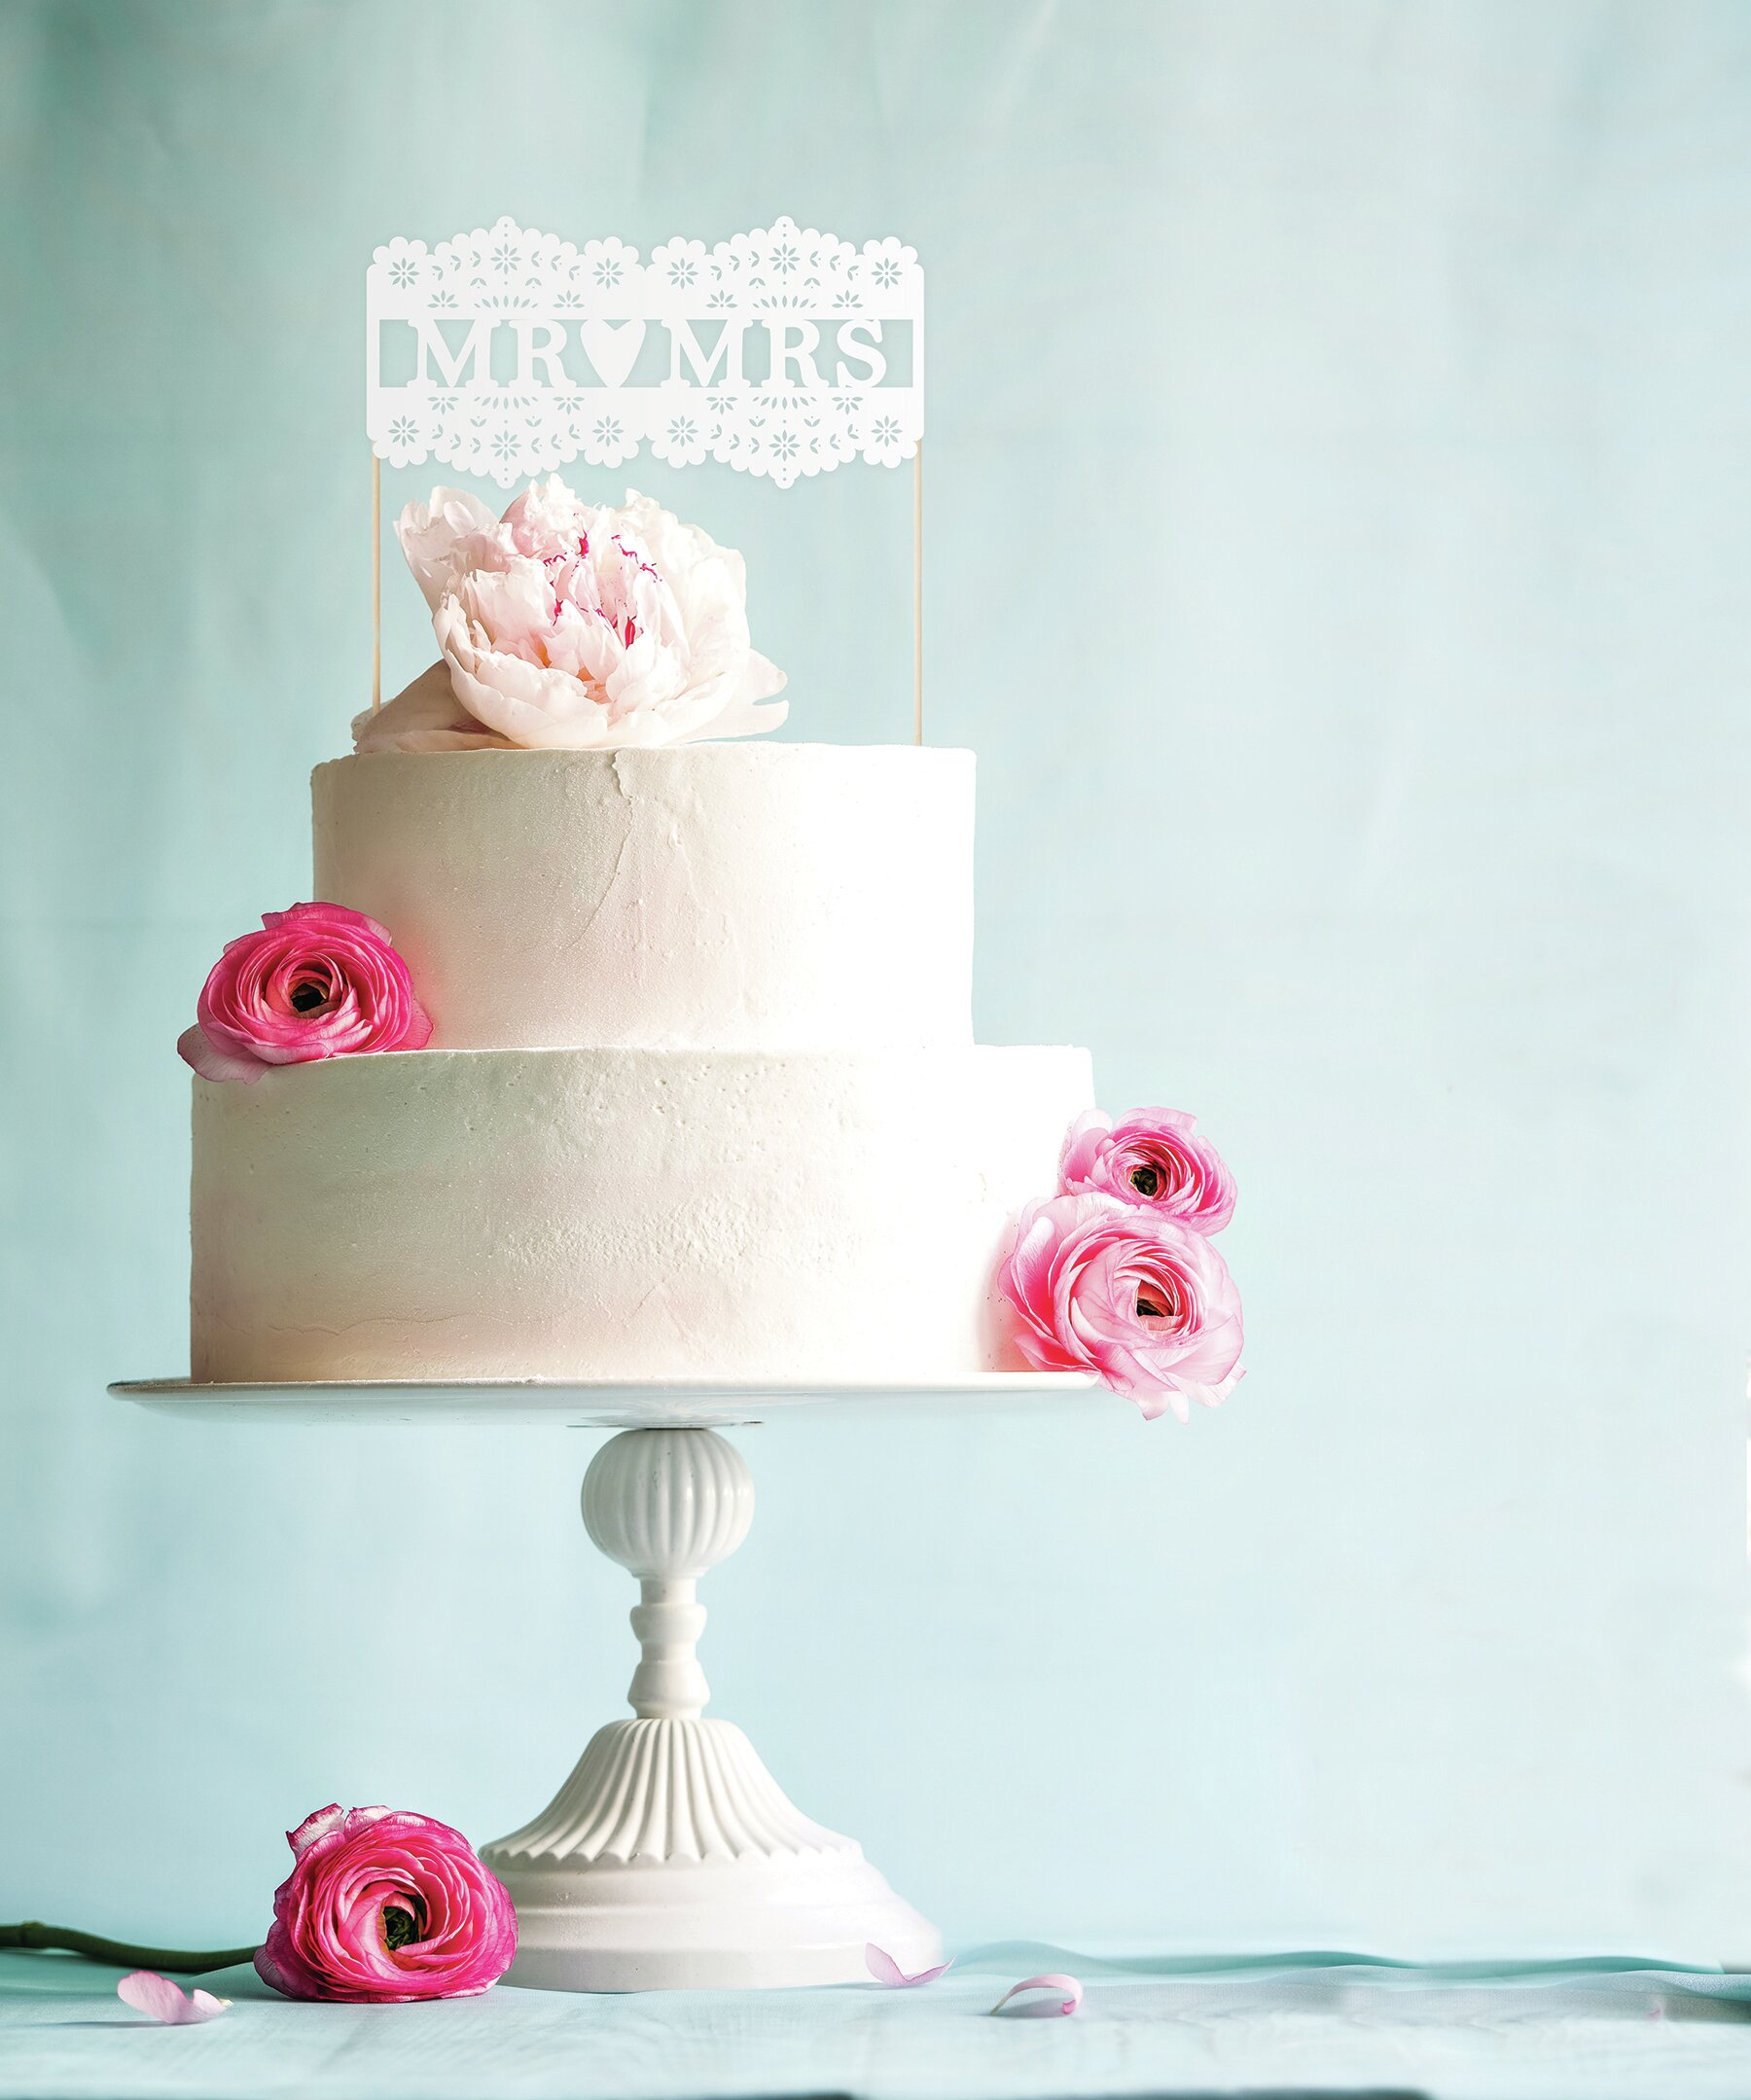 NEW GINGER RAY MR /& MR WEDDING CAKE TOPPER BOHO